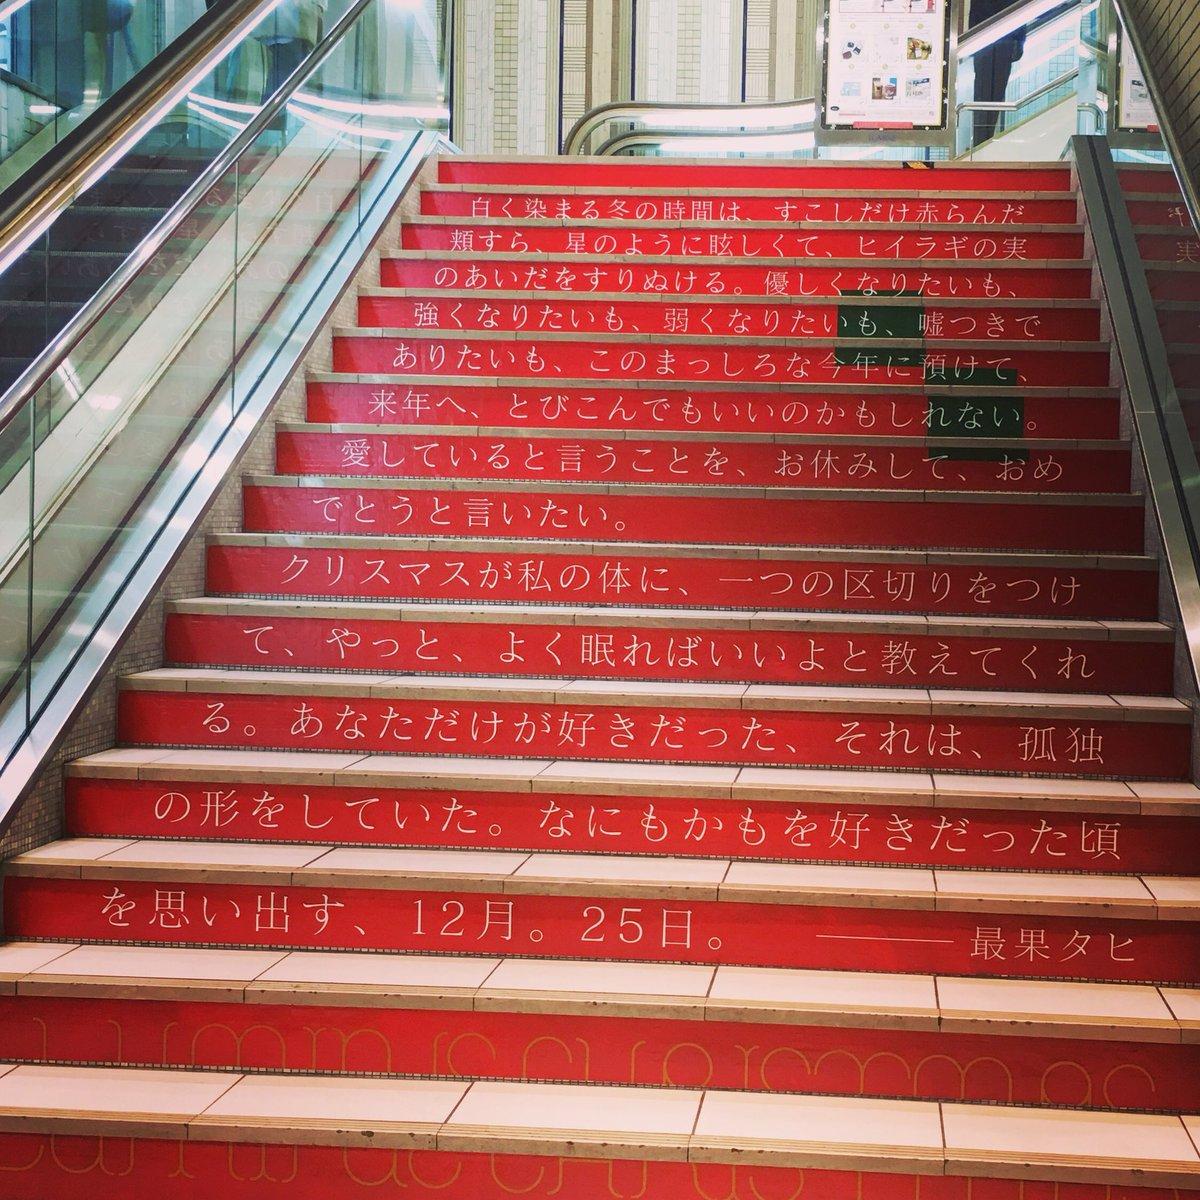 발렌타인의 시, 도쿄의 발렌타인, 일본과 쵸콜릿